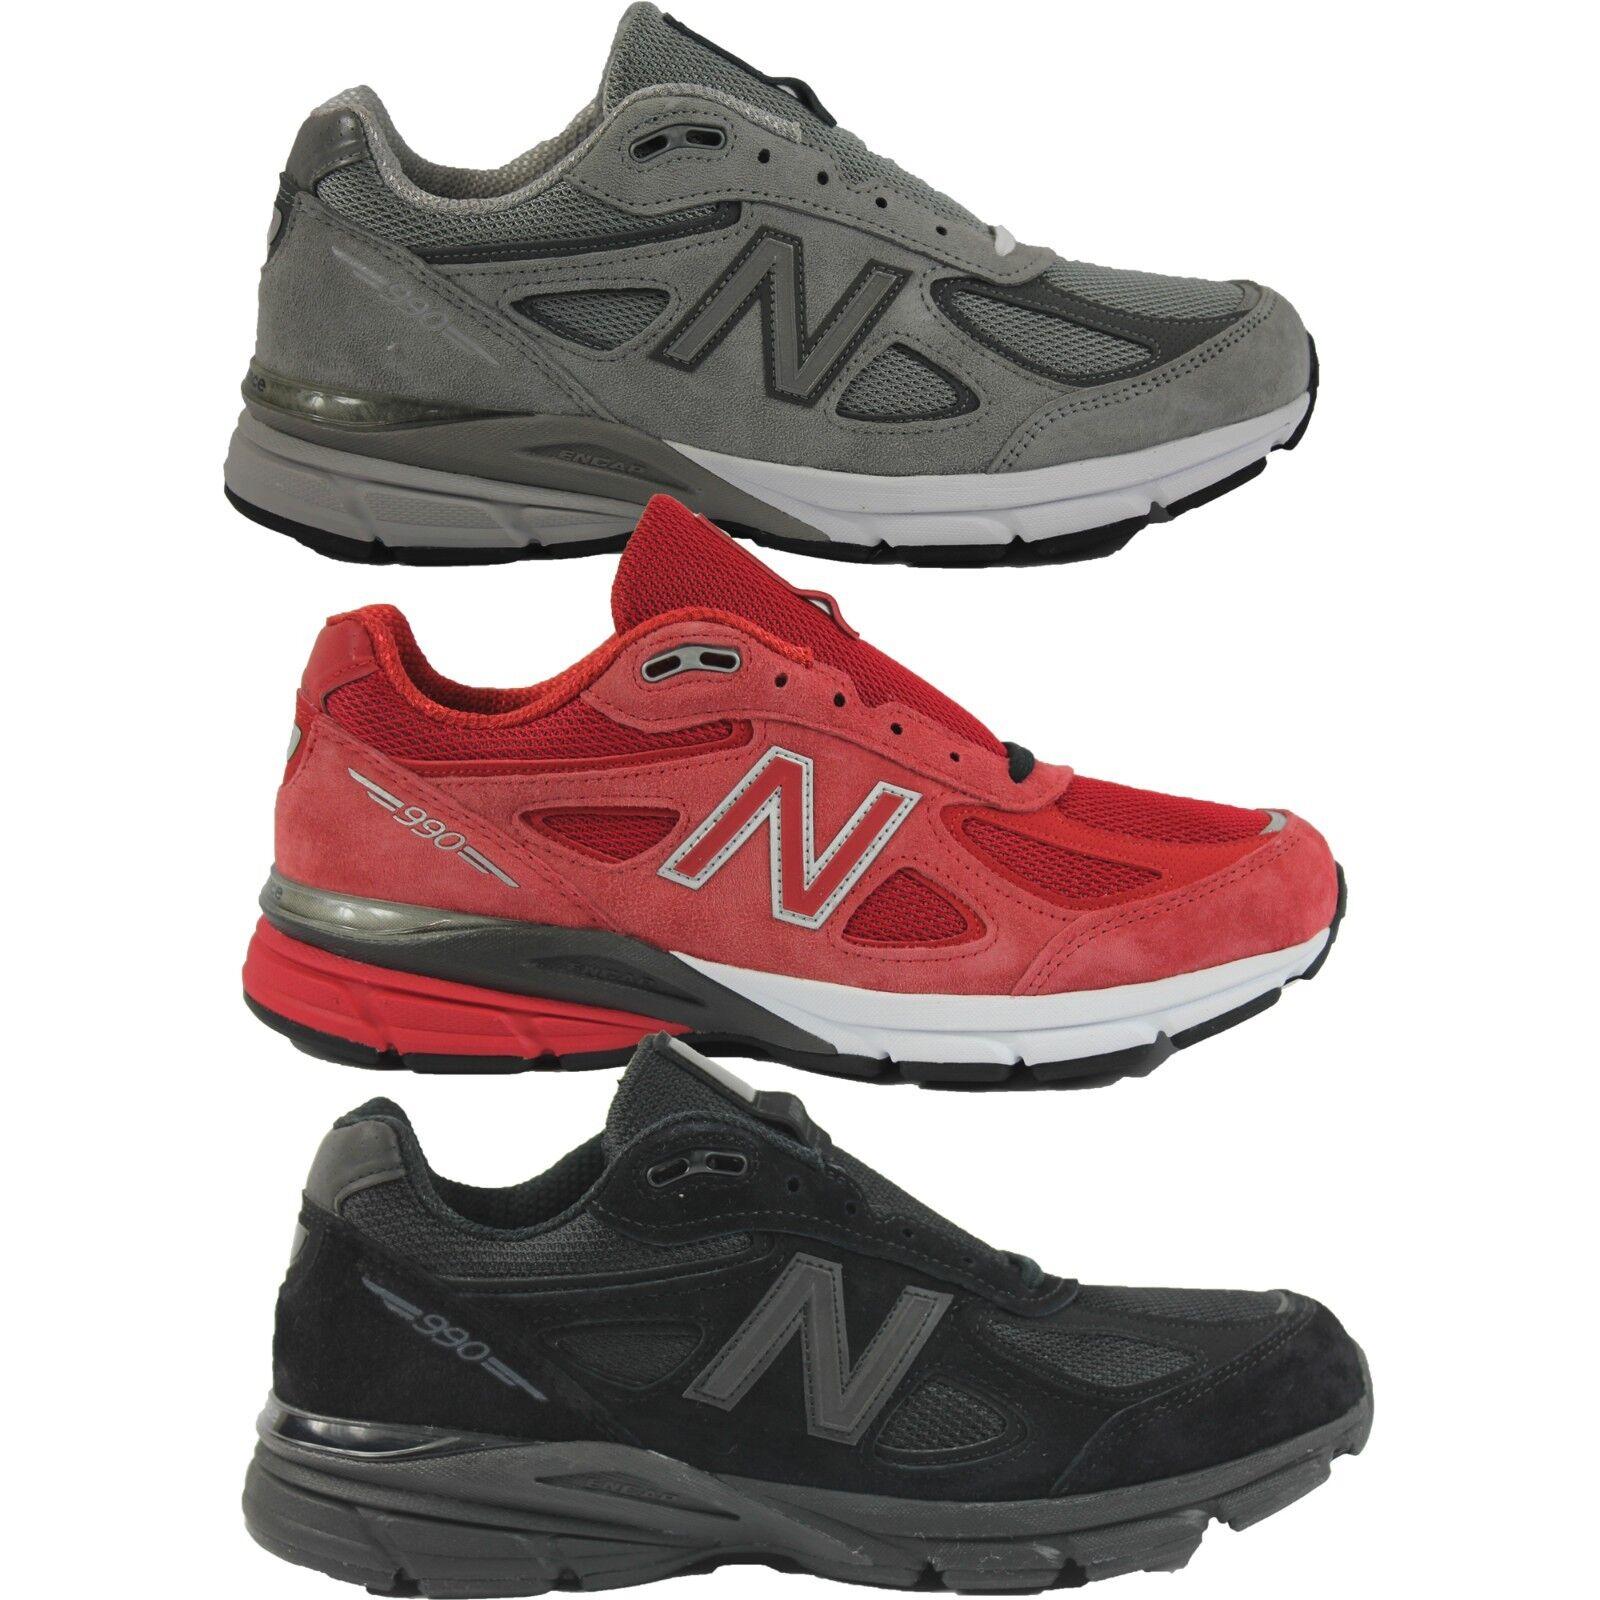 nouvel équilibre m990bb4 4 rd4 prime m990v4 prime rd4 chaussures tennis États - unis dd8c47